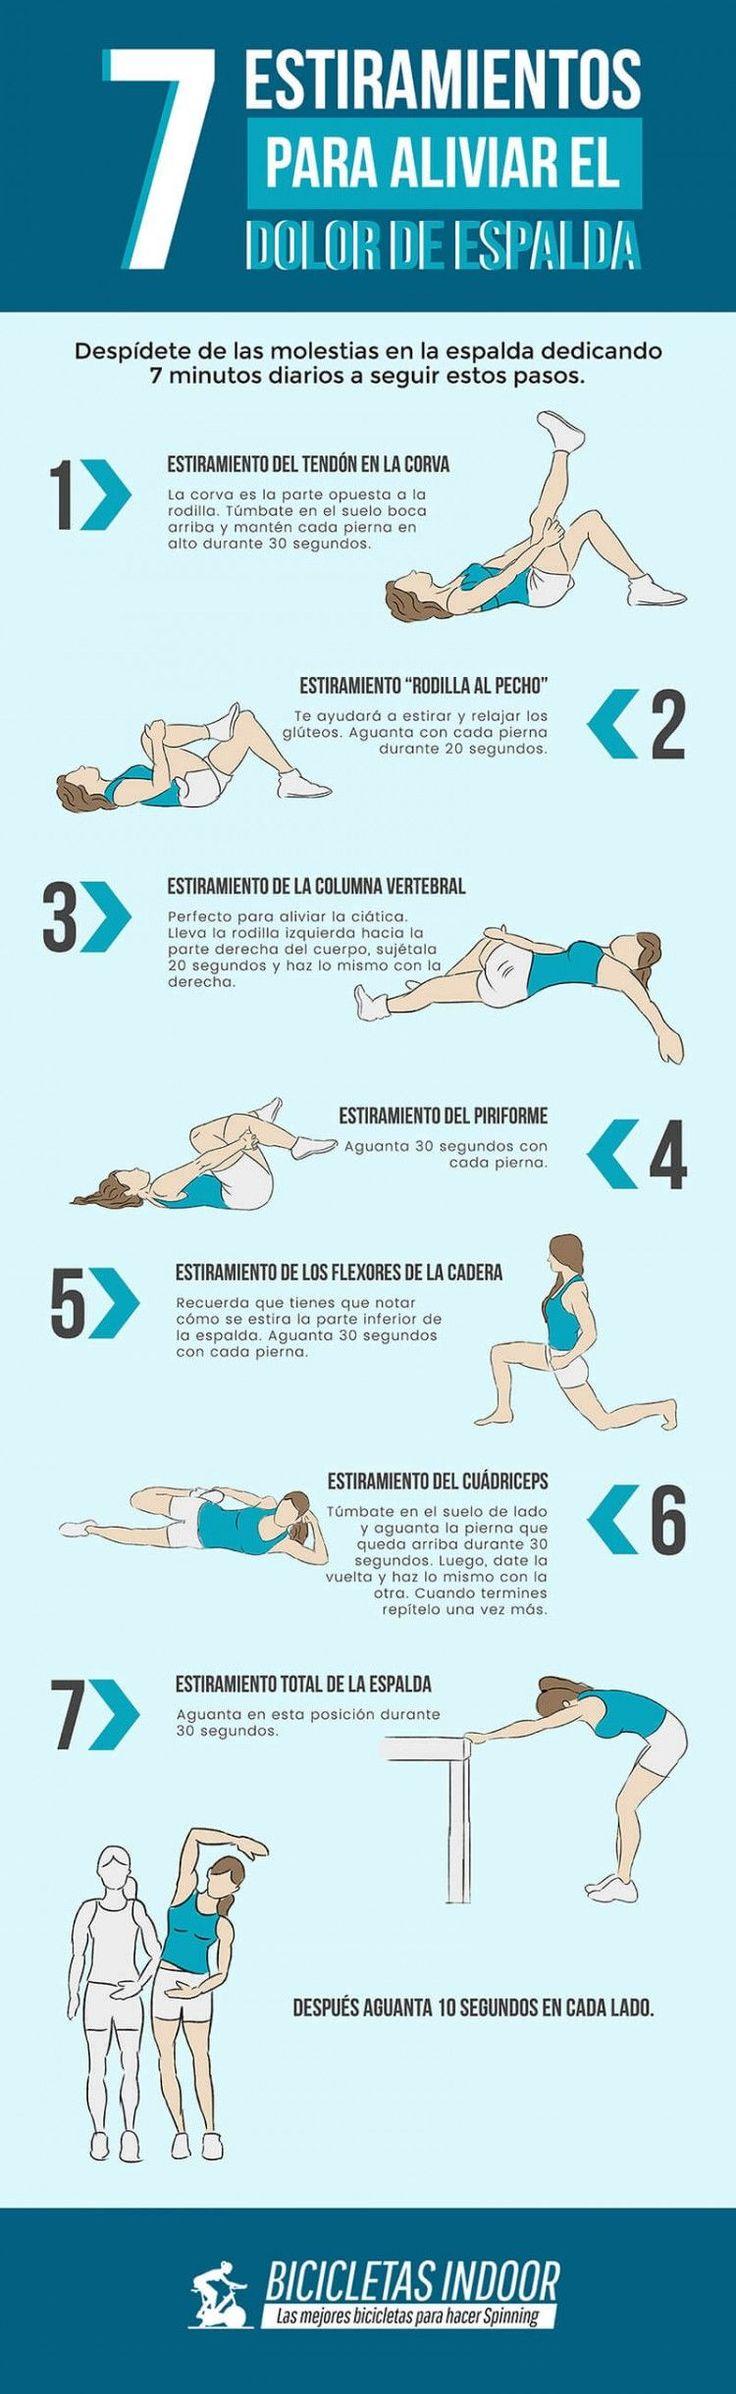 Dile Adios a las Molestias de Espalda con 7 Minutos Diarios - Atletismo Arjona - Entrenamientos - Running Cáceres #bienestar